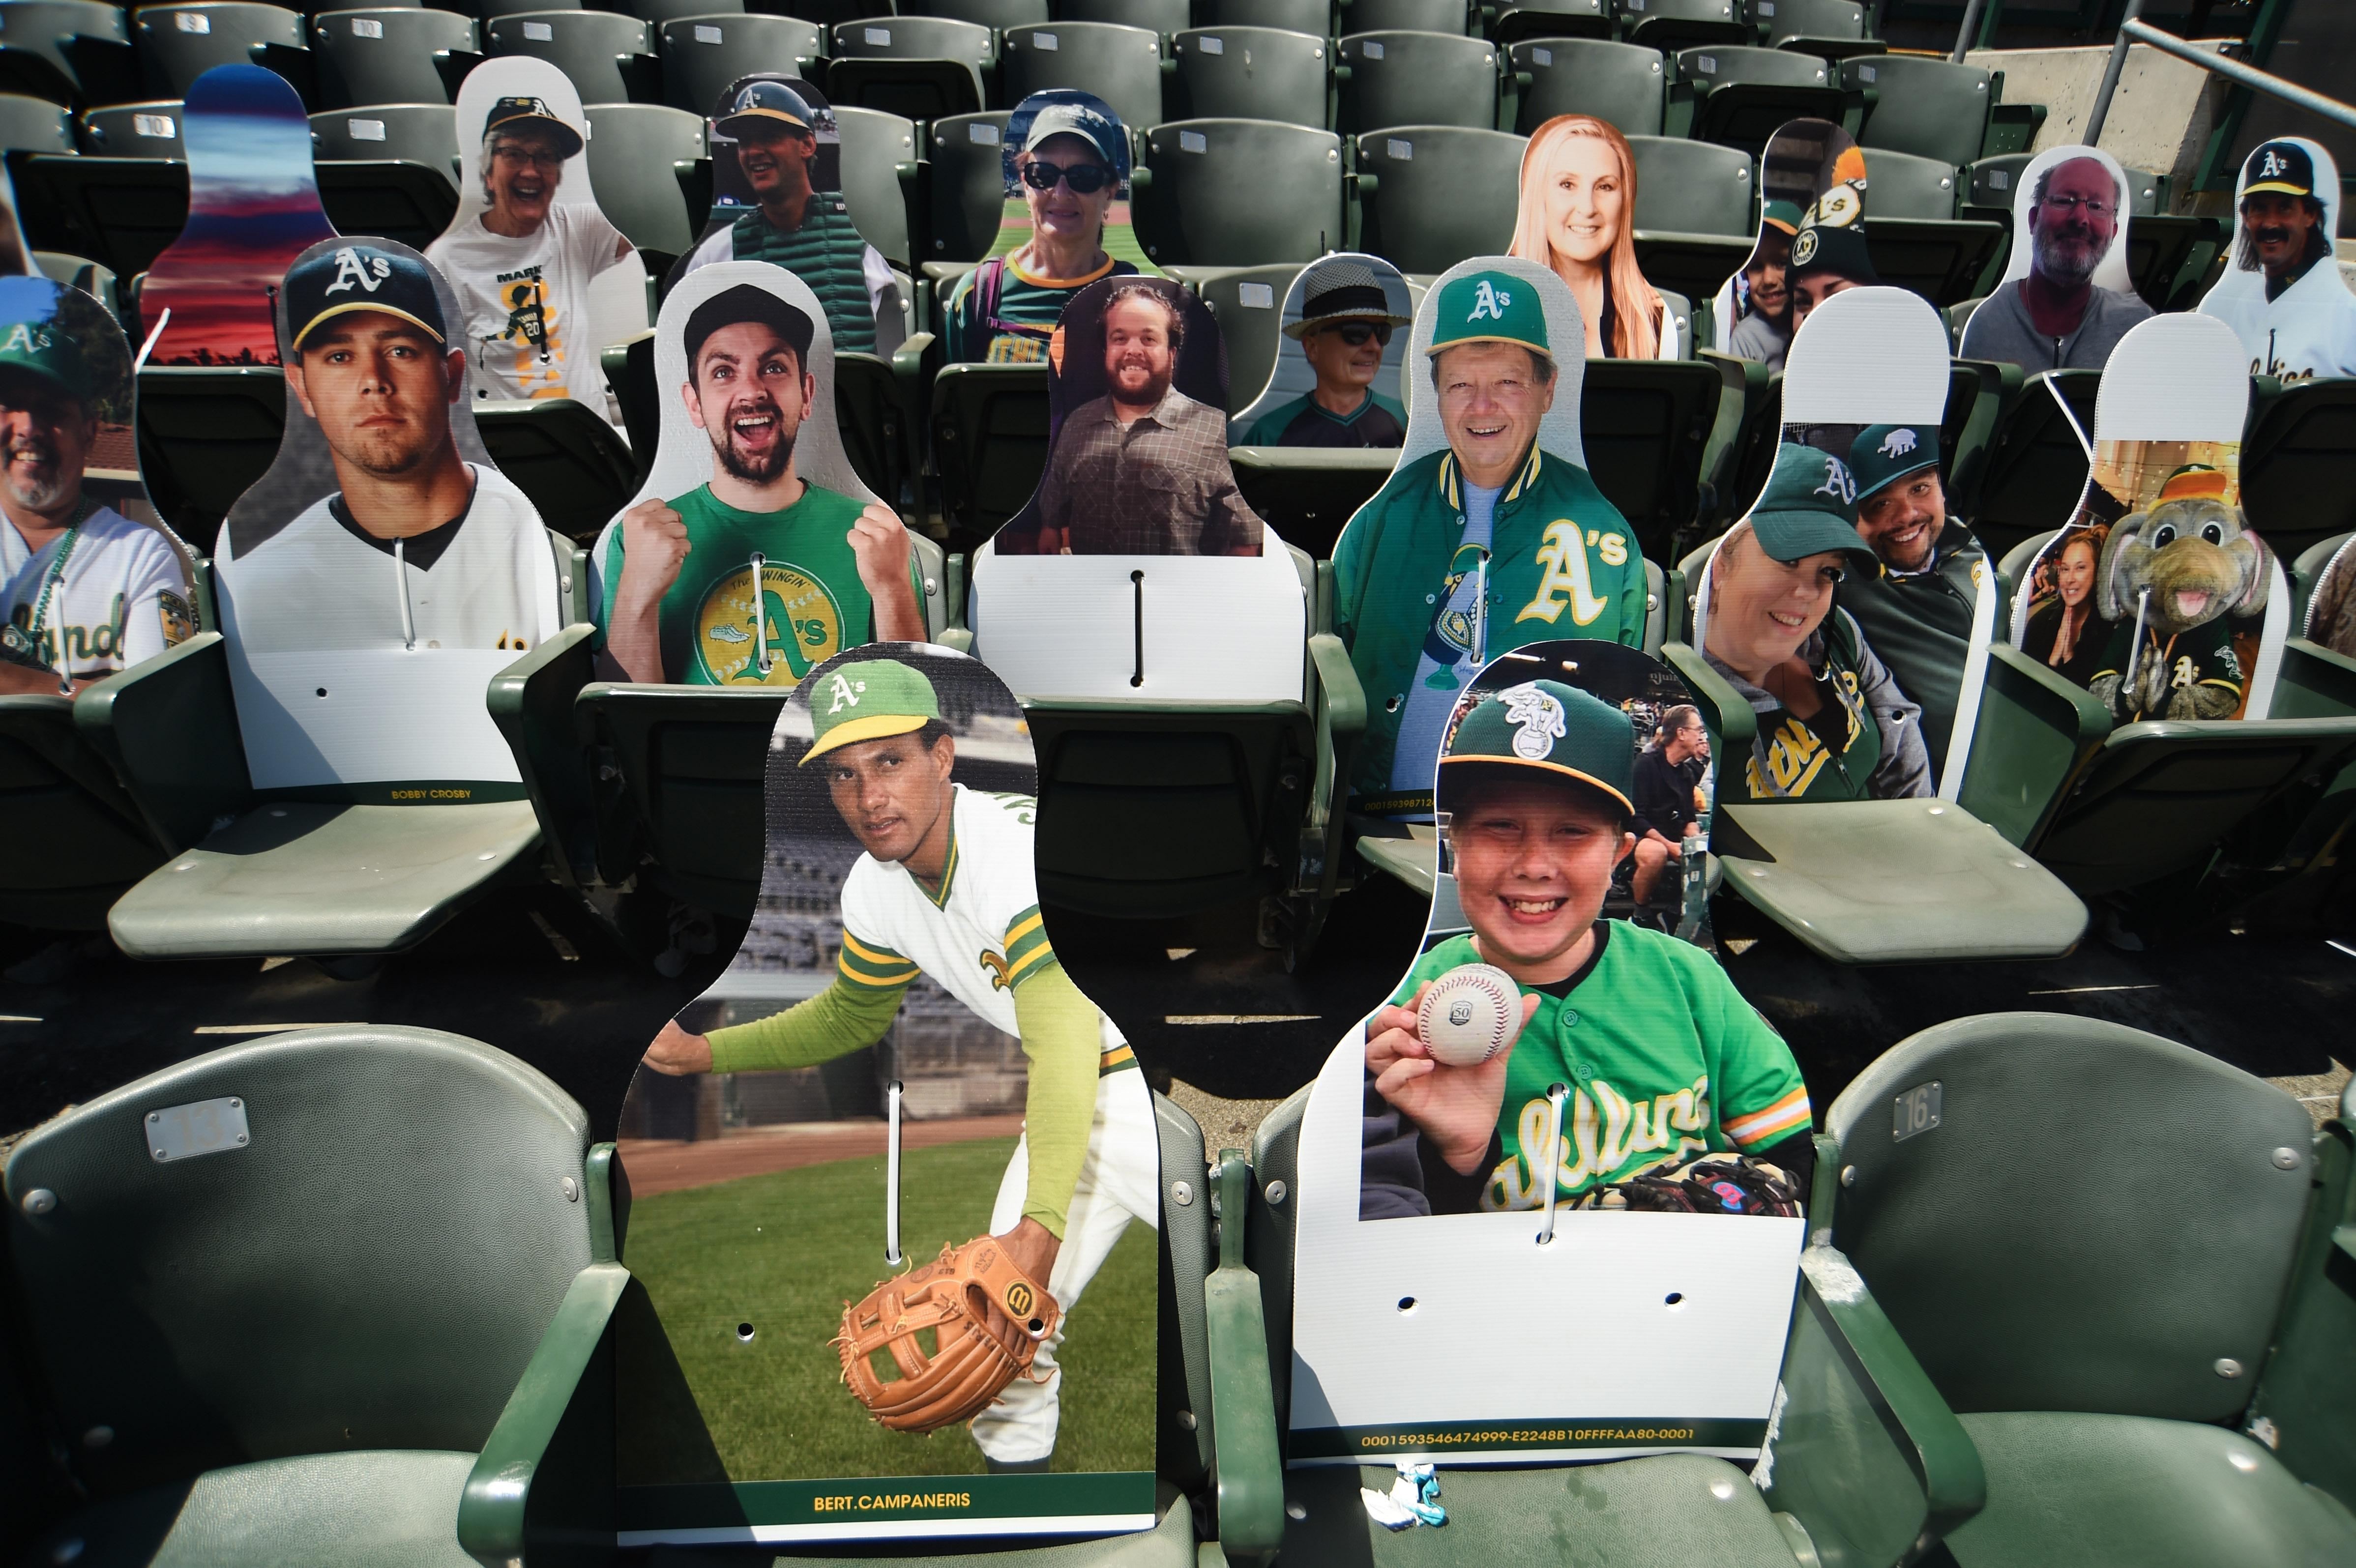 Oakland Athletics fan cutouts